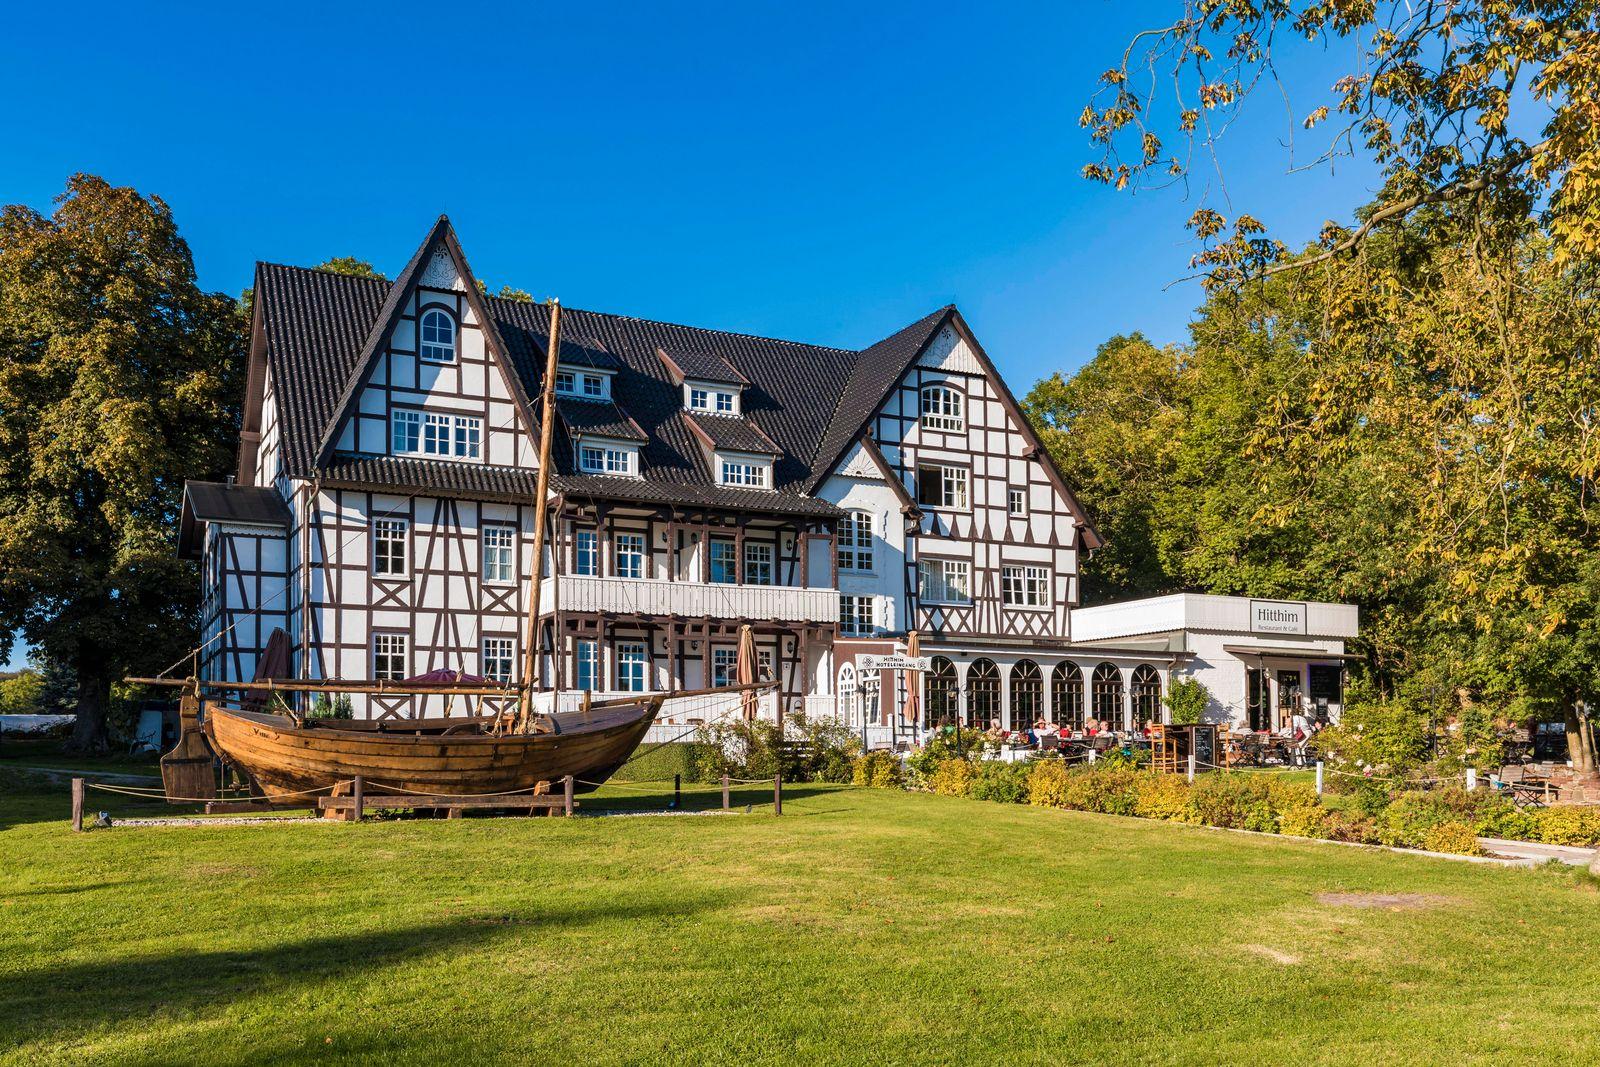 Restaurant und Cafe im Hotel Hitthim, Kloster, Insel Hiddensee, Mecklenburg-Vorpommern, Deutschland, Europa *** Restaura